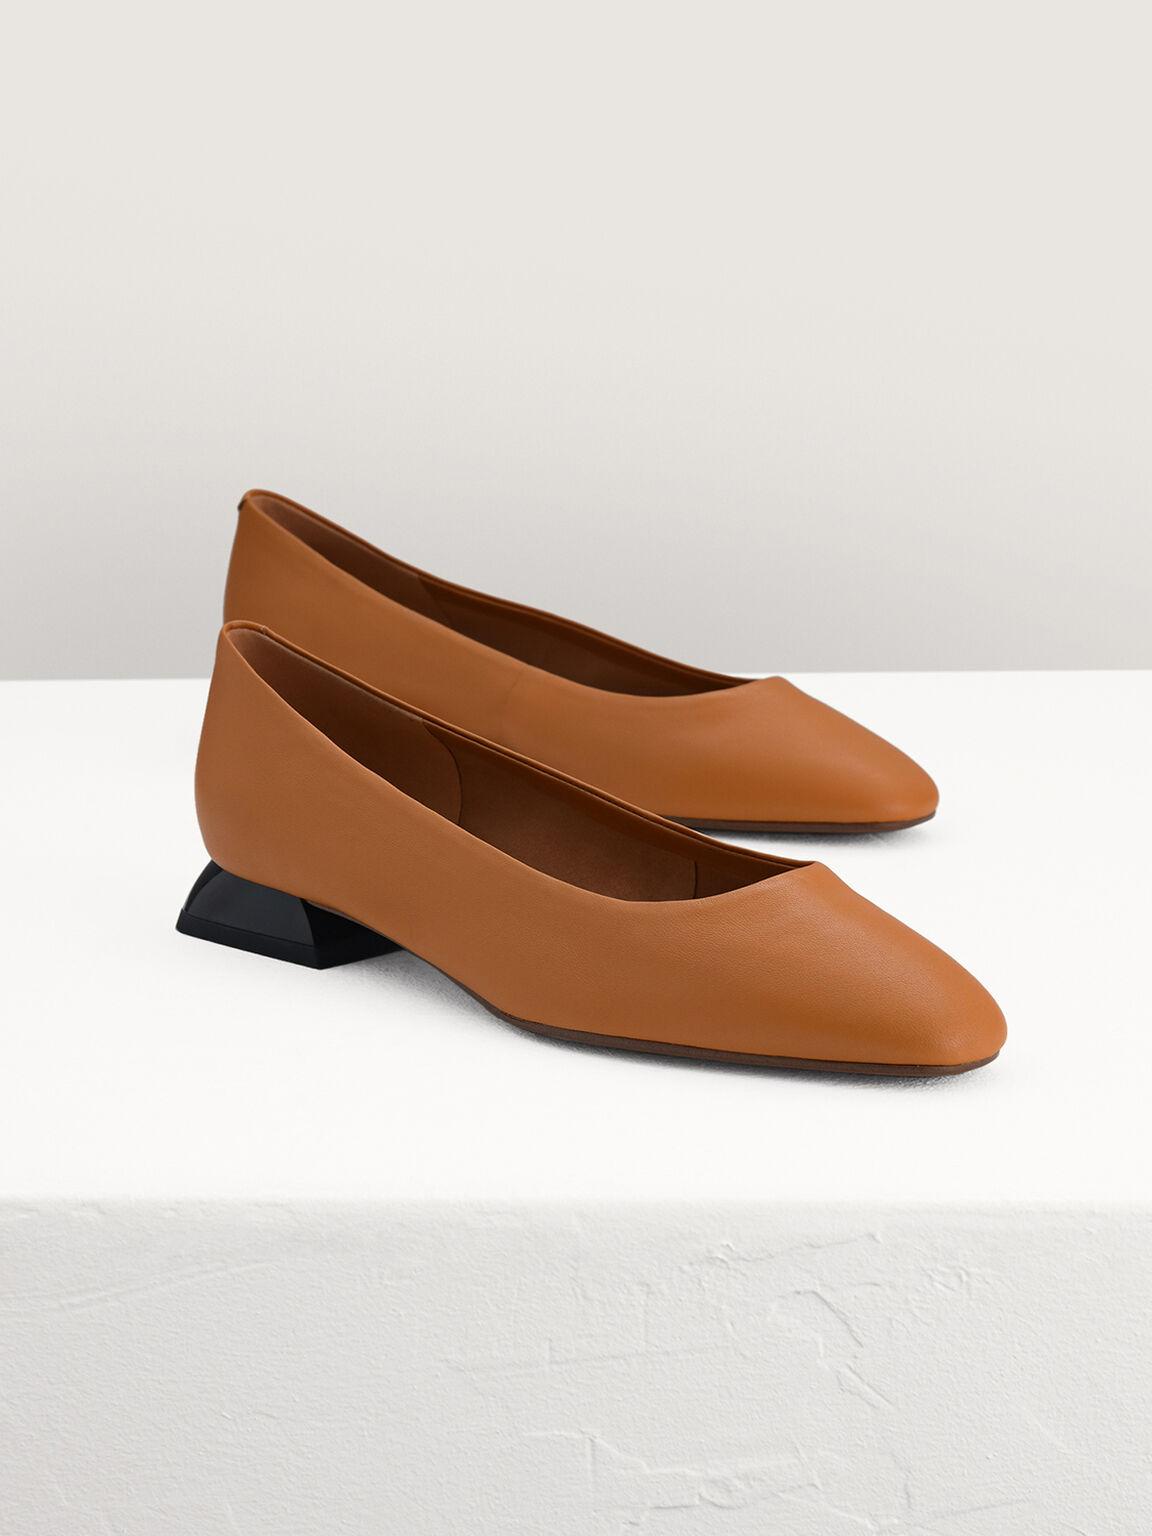 Leather Flats, Camel, hi-res